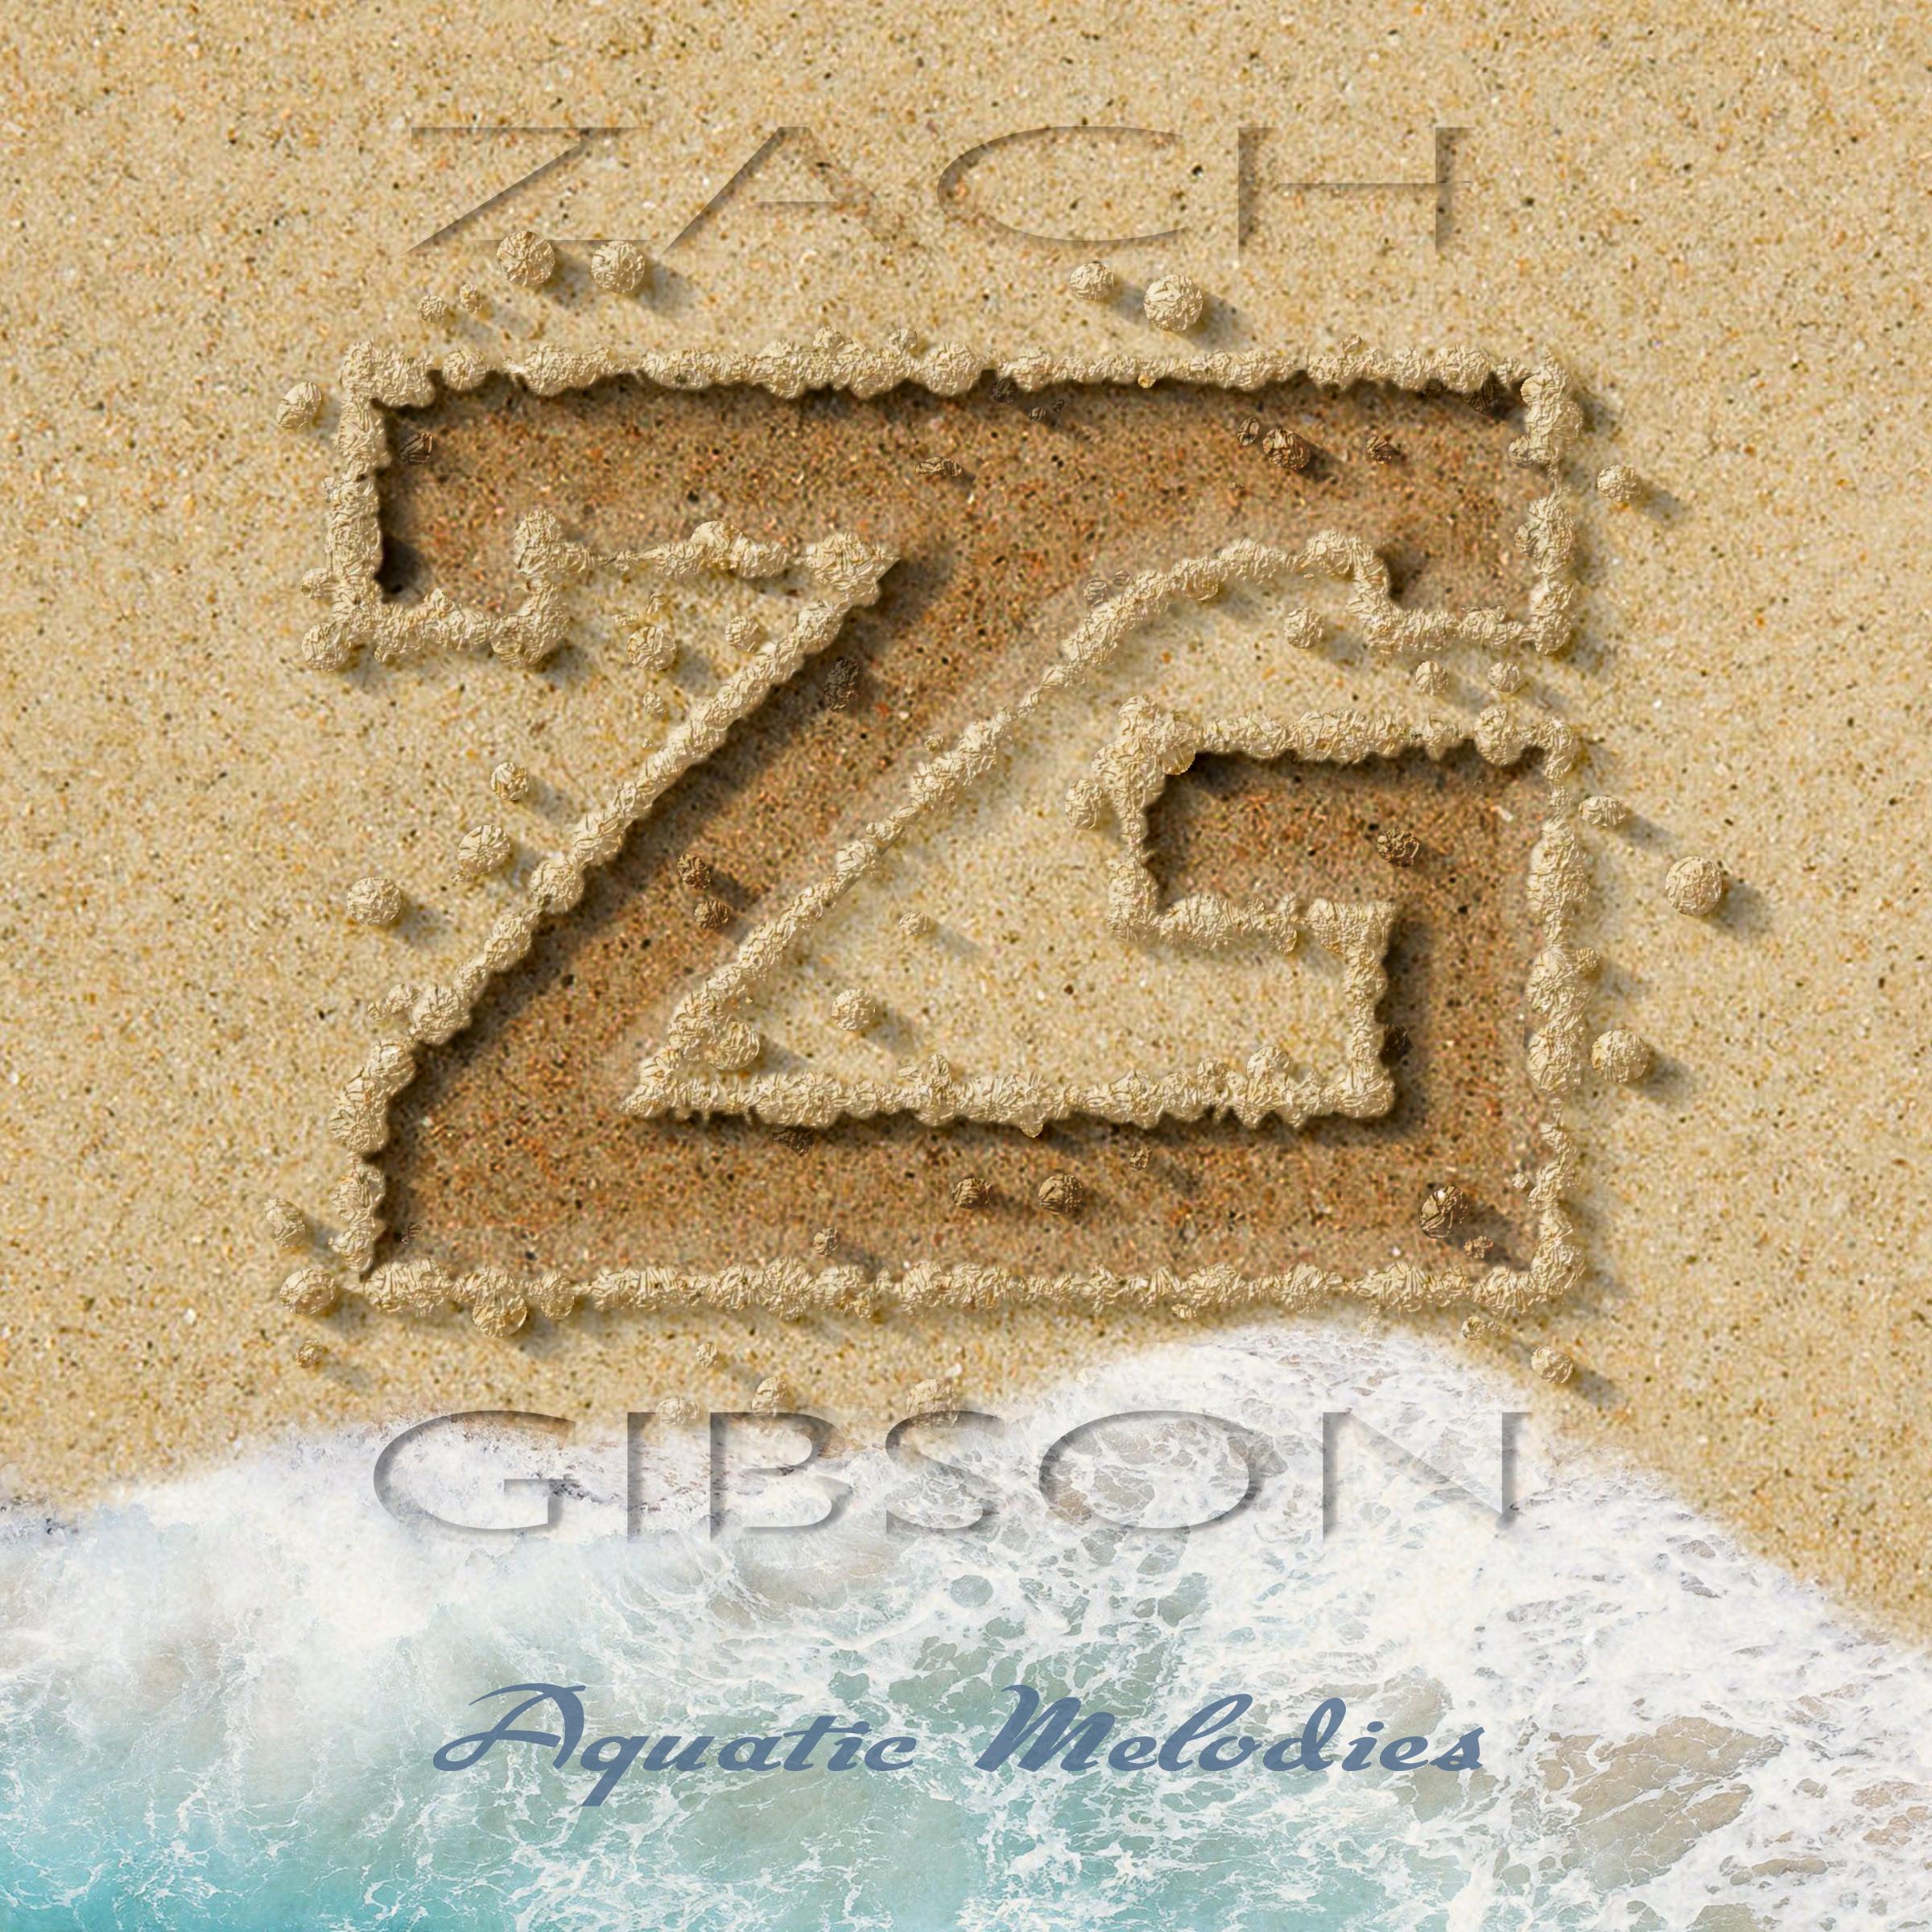 Aquatic Melodies Album Cover